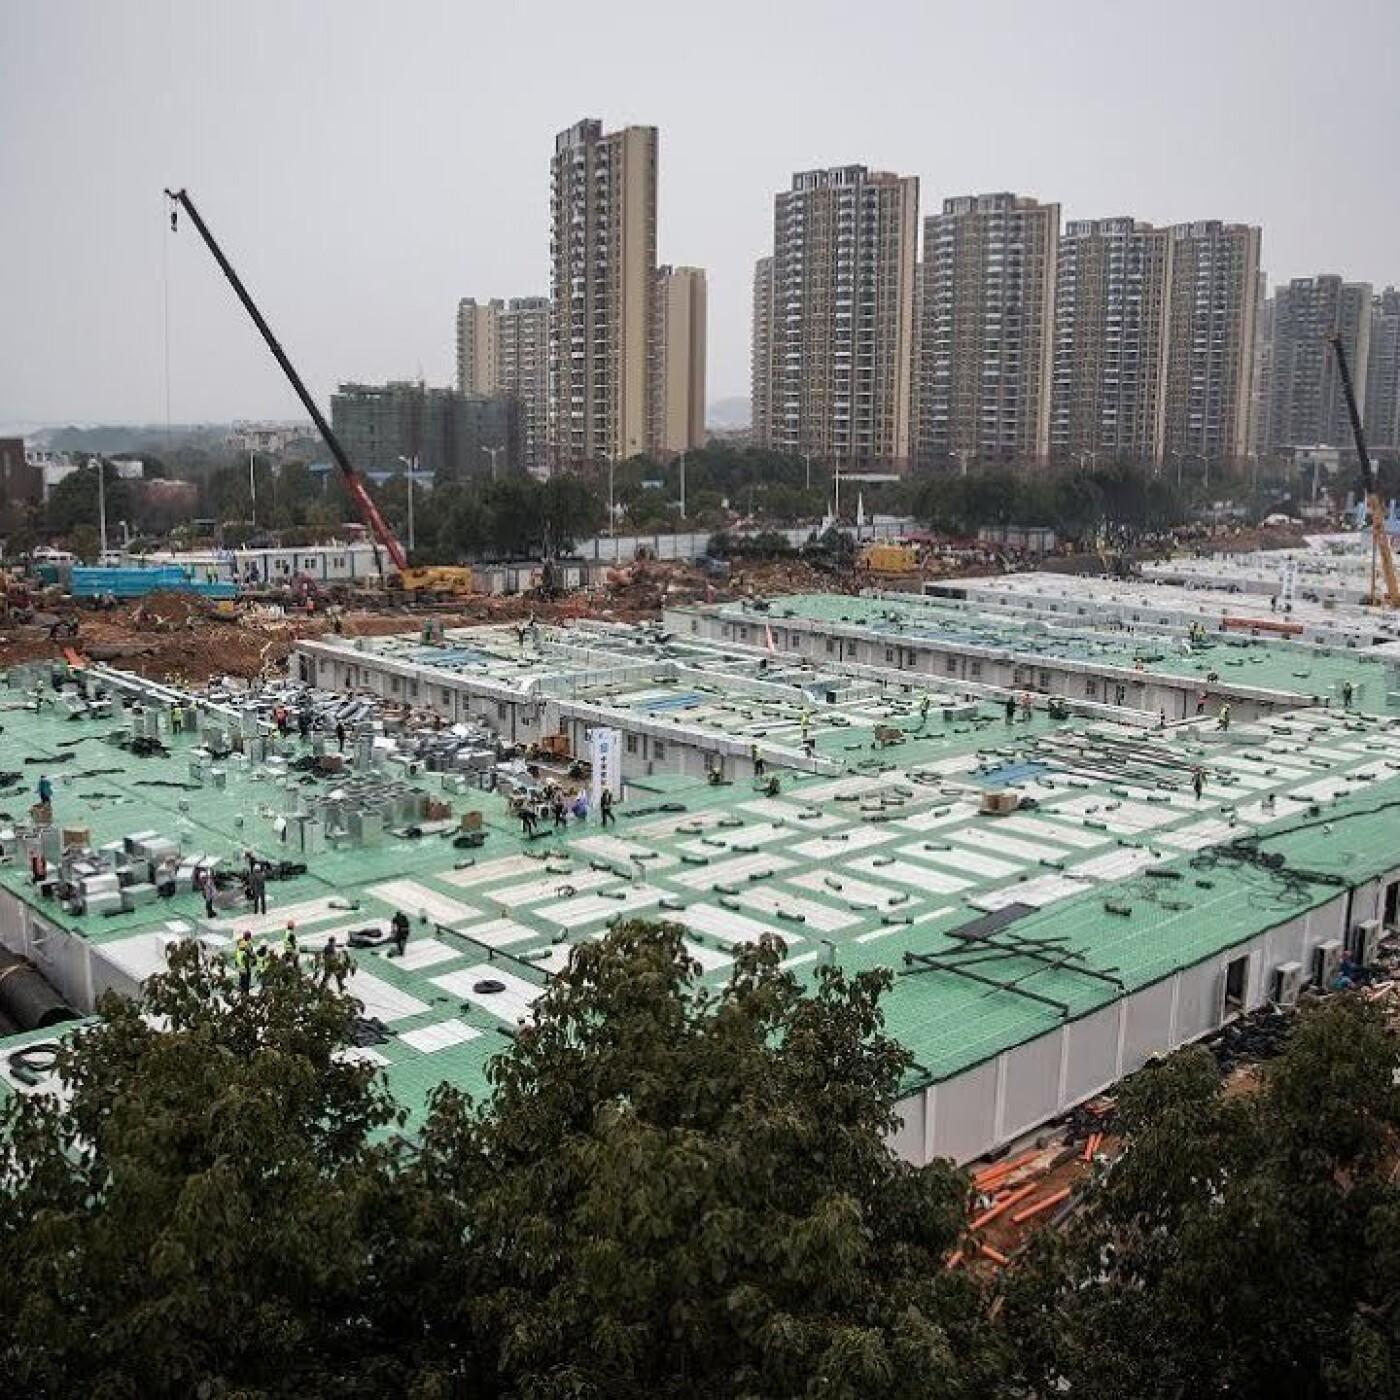 Chiffre du jour : 10 > En Chine, un immeuble de 10 étages construit en 28 heures ! - 02 07 2021 - StereoChic Rad